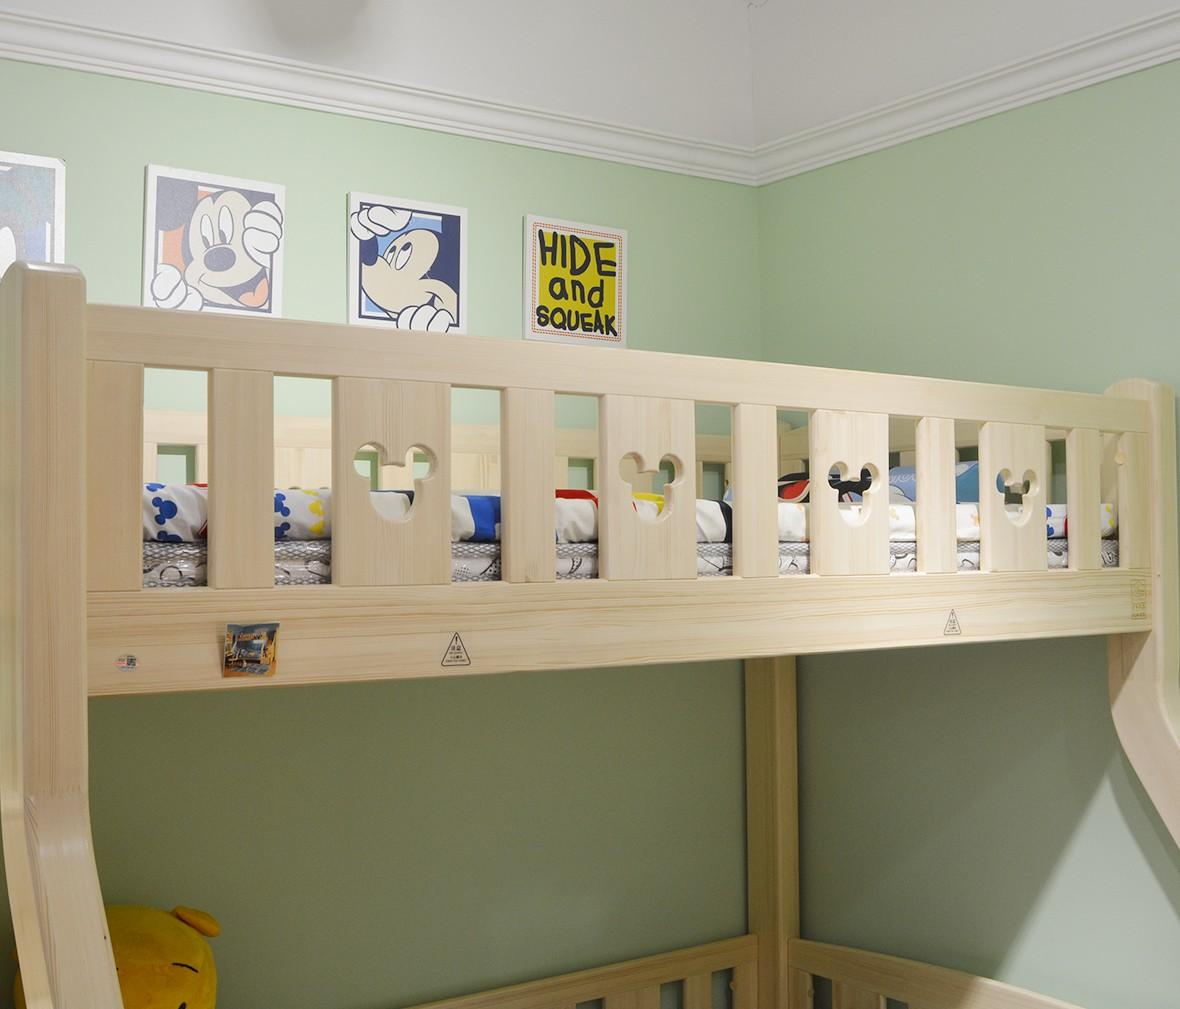 酷漫居儿童家具 KMS-A301-135.1型号上下床 芬兰松木材质 商品细节